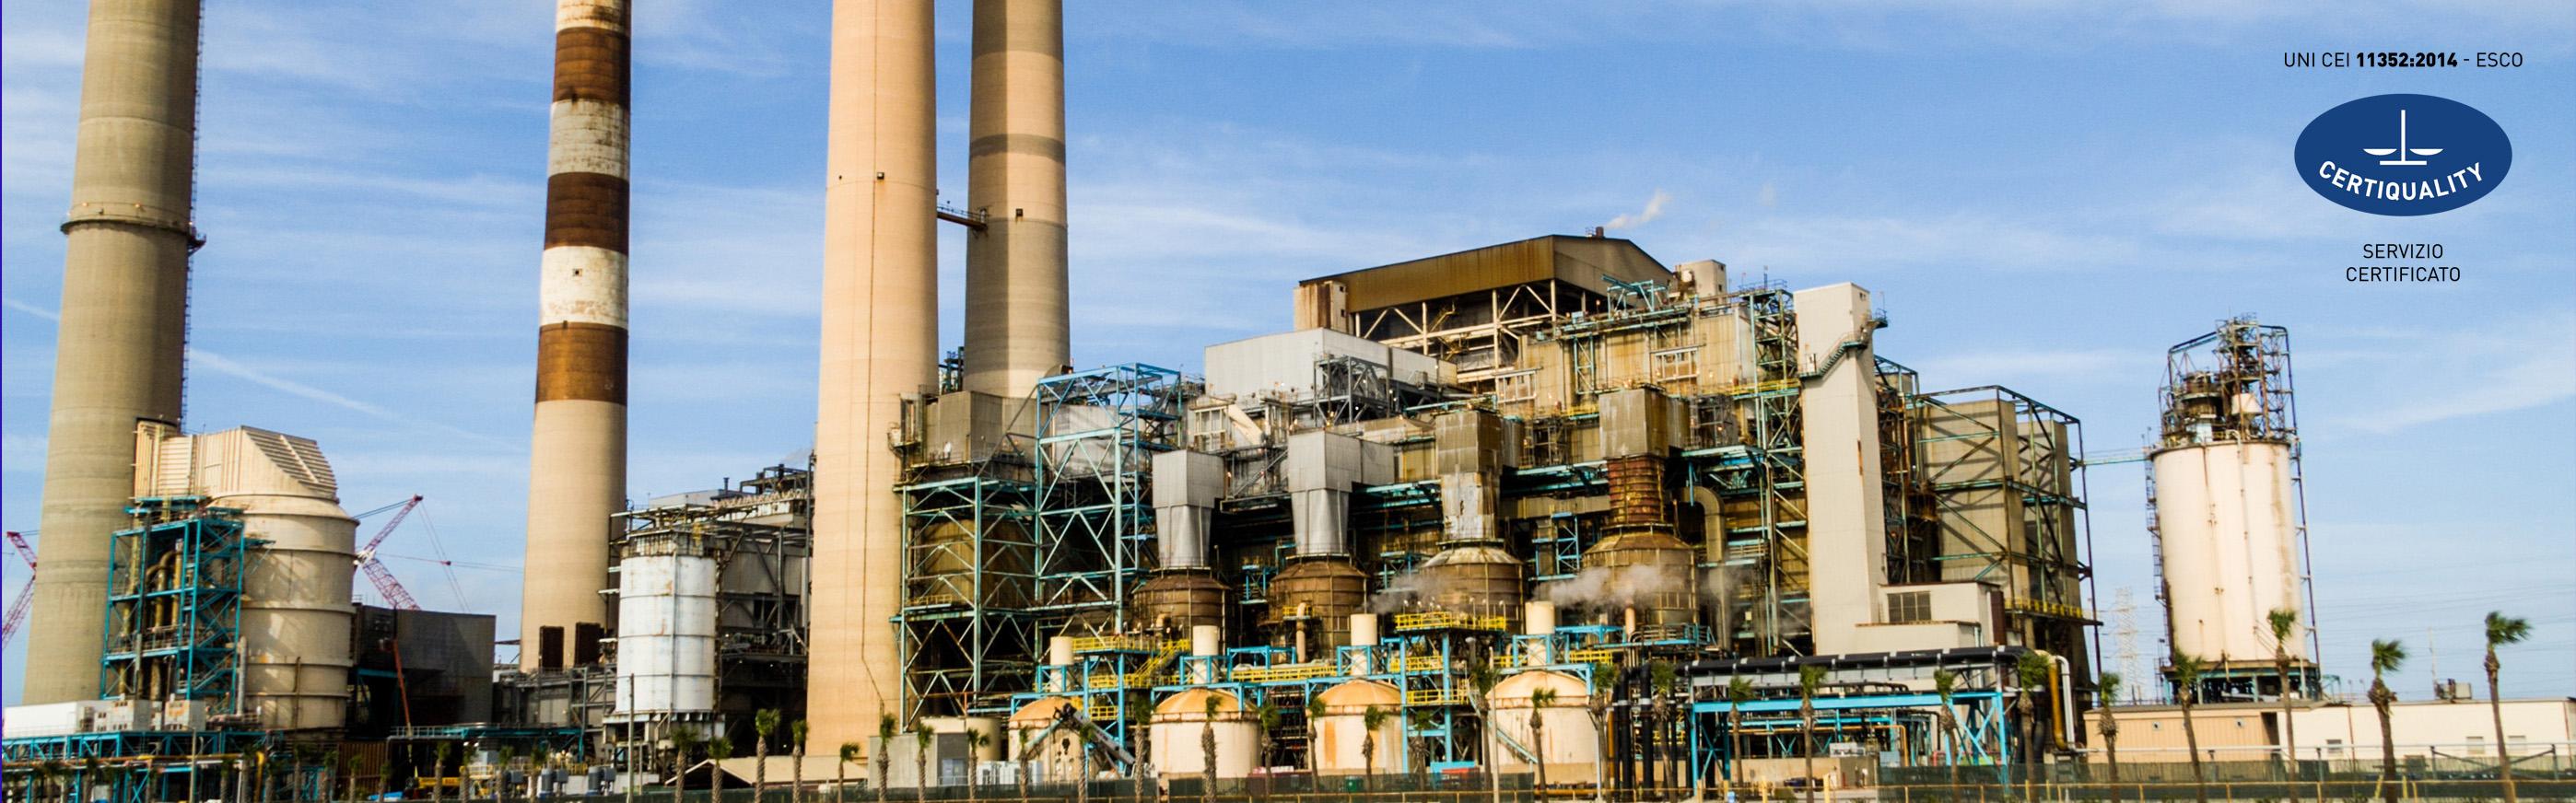 EFFICIENTAMENTO energetico per aziende dalla Zeus energy group spa ESCO